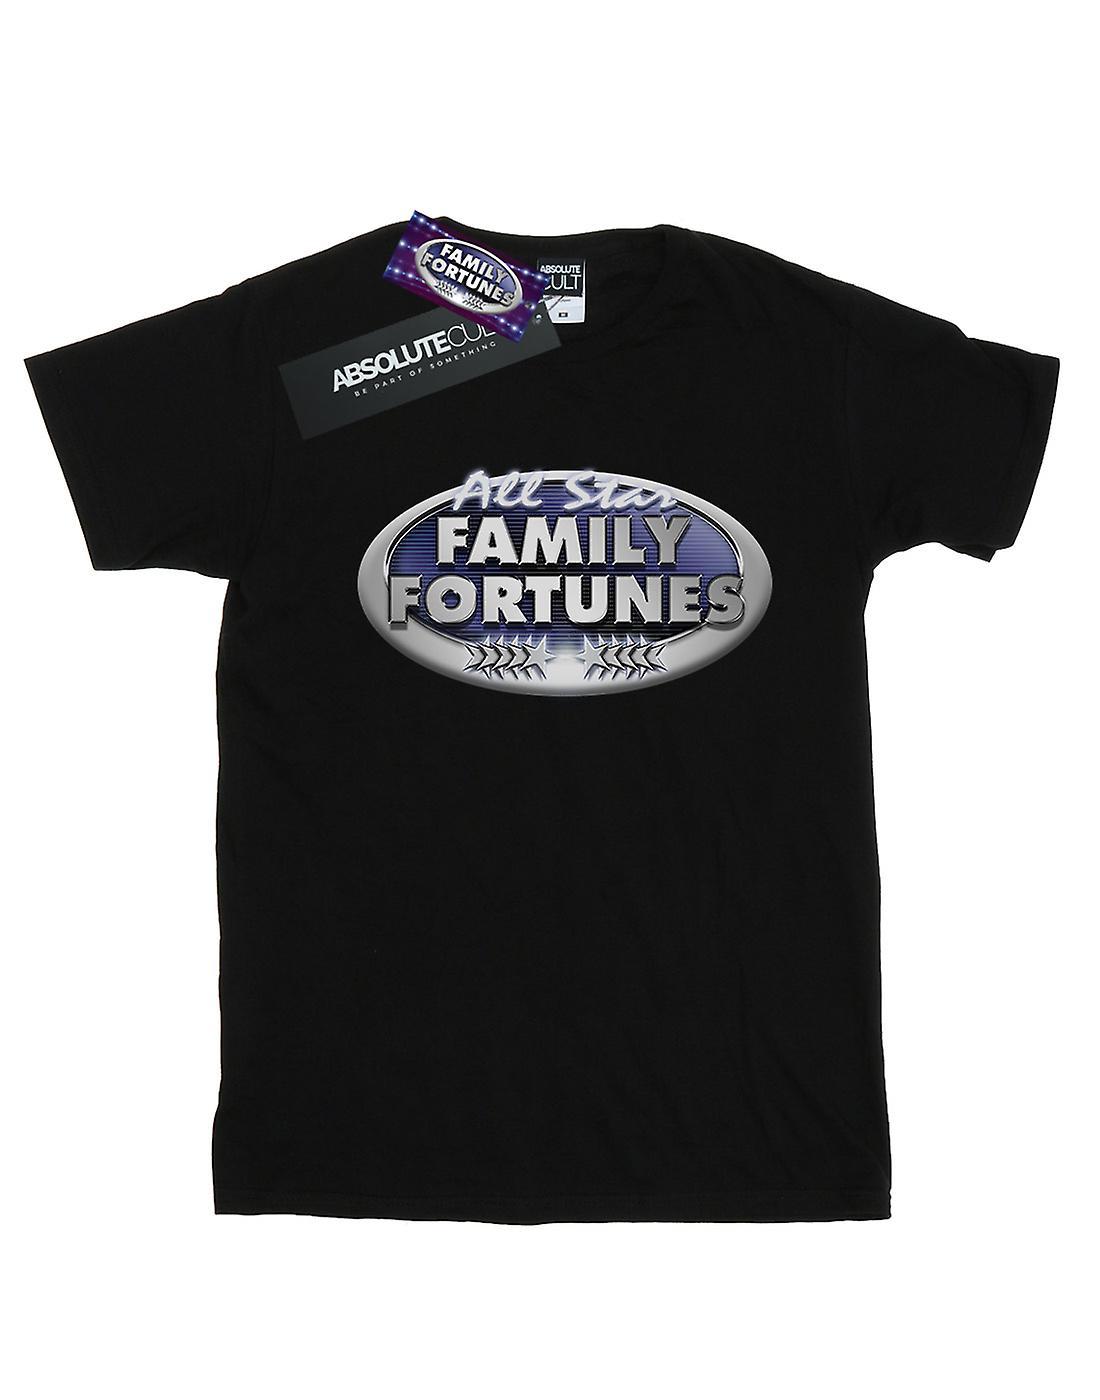 Family Fortunes Men's All Star Logo T-Shirt